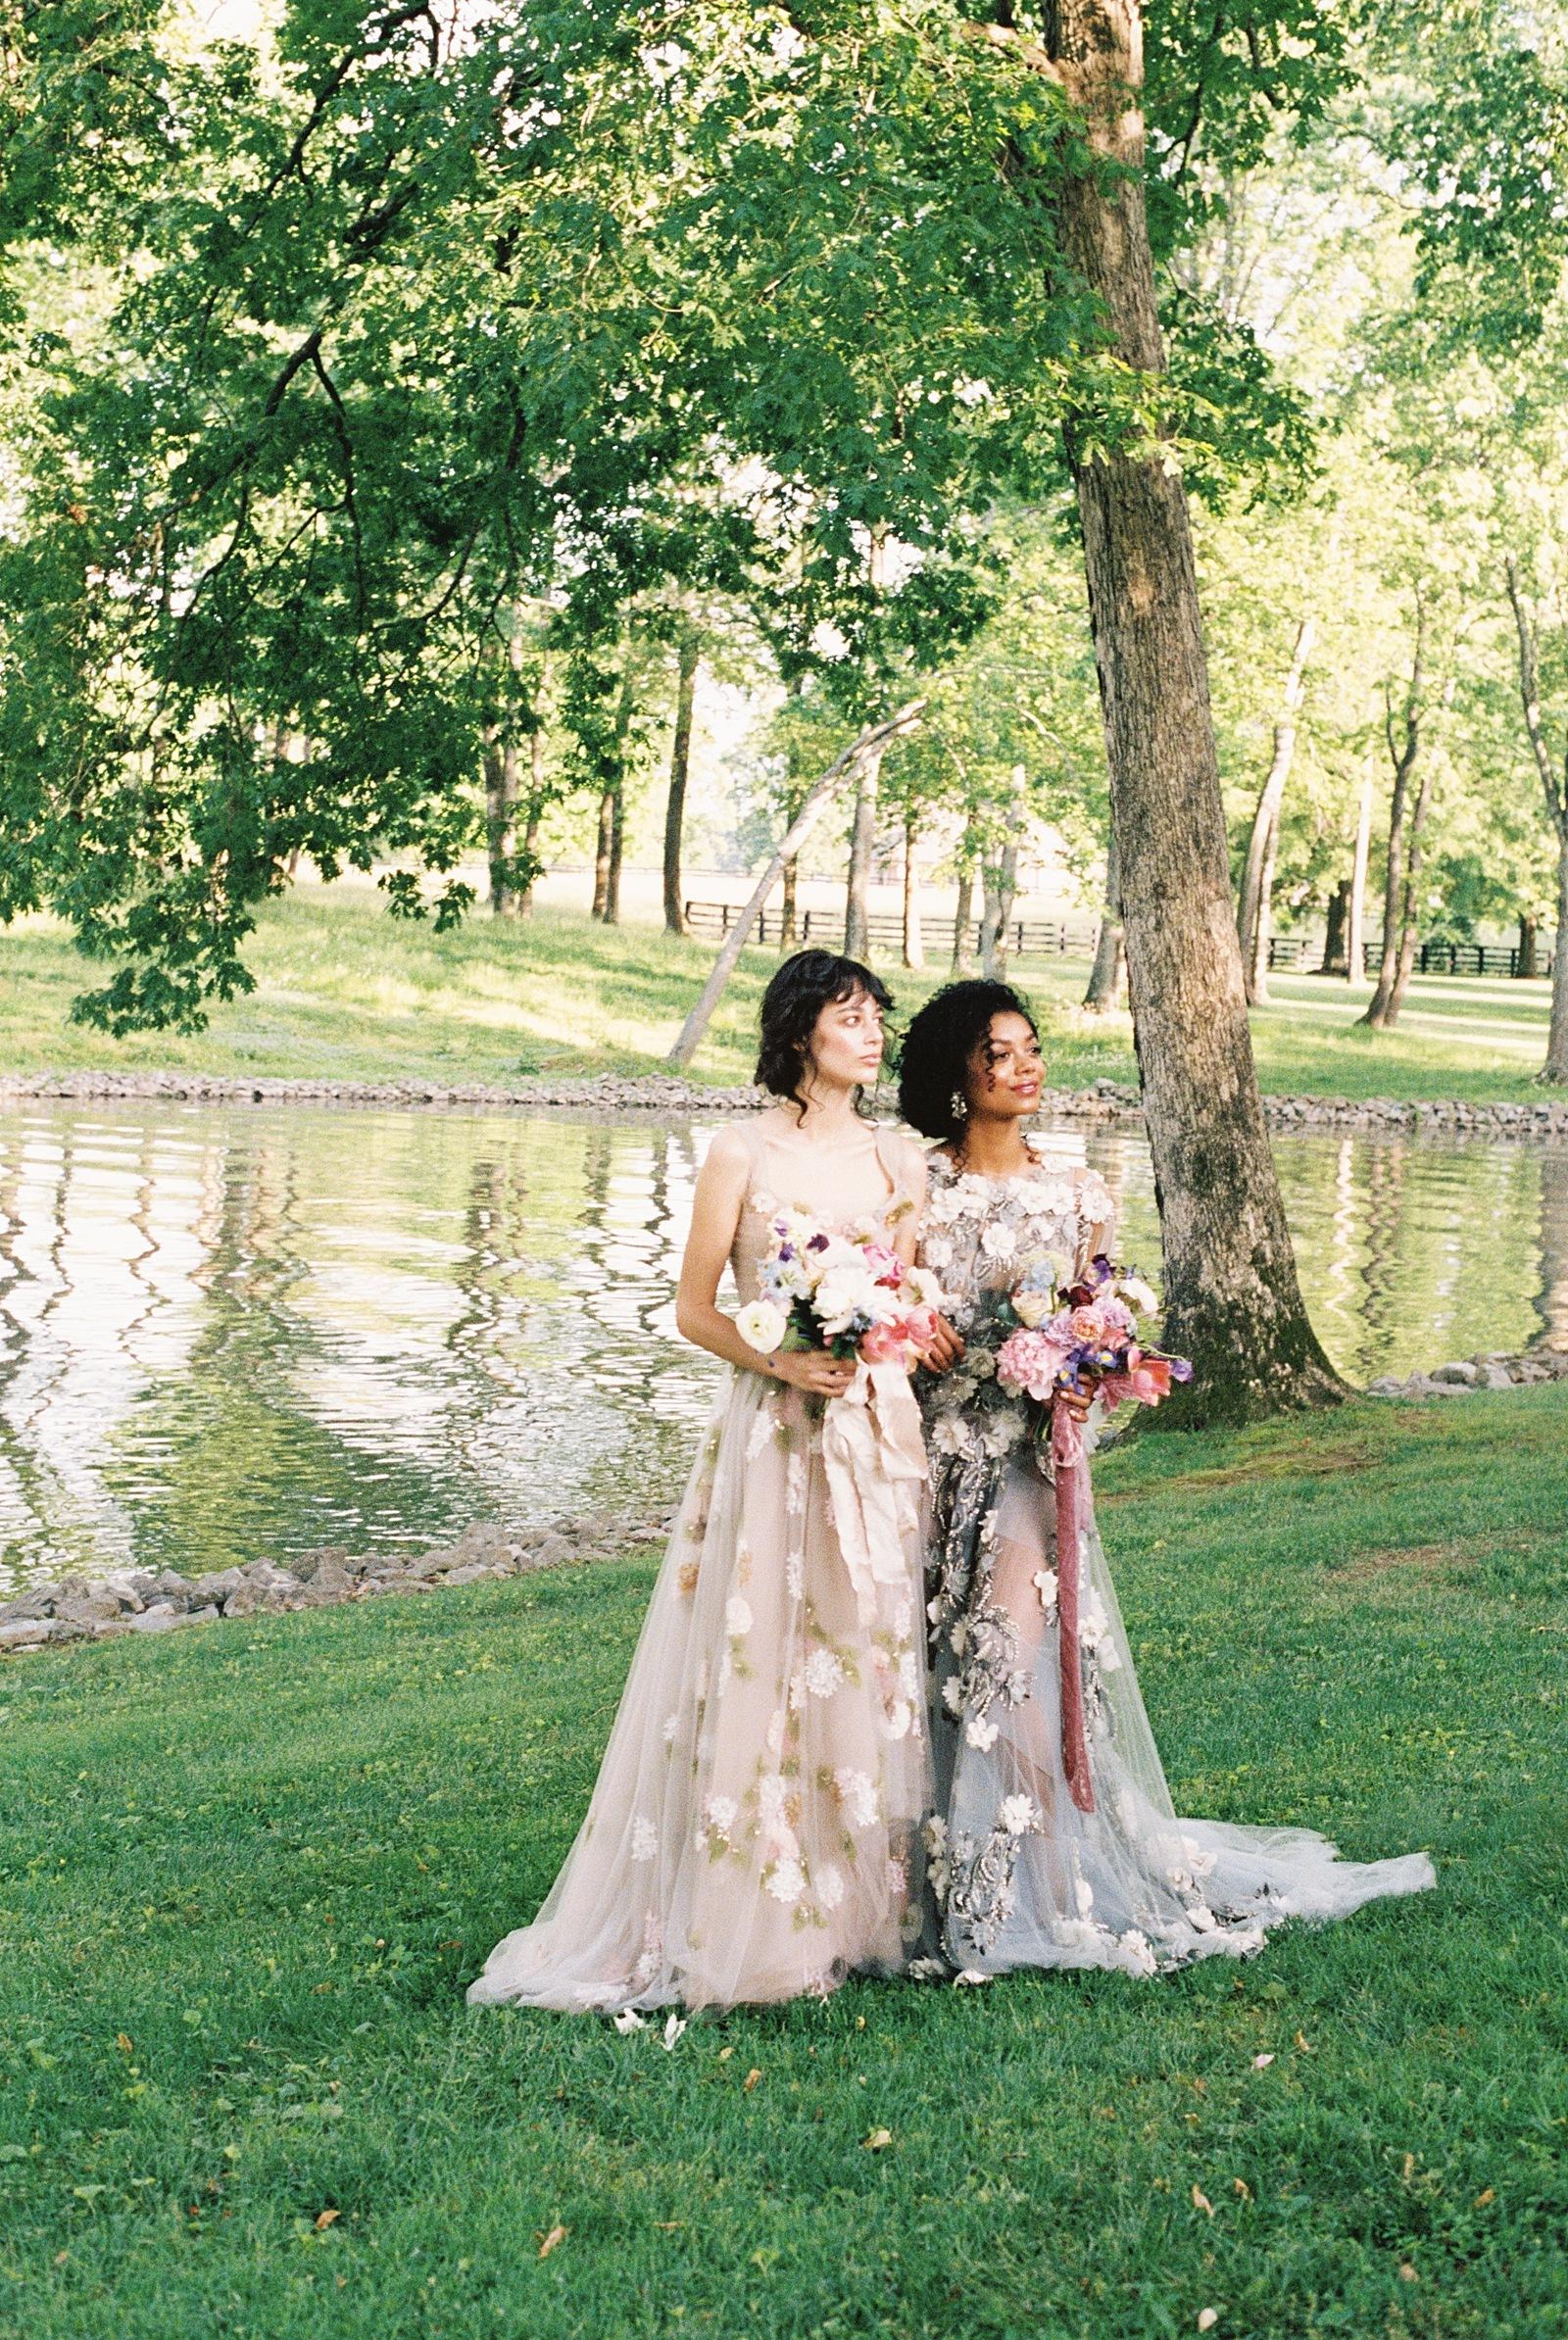 Floral bridesmaids dresses